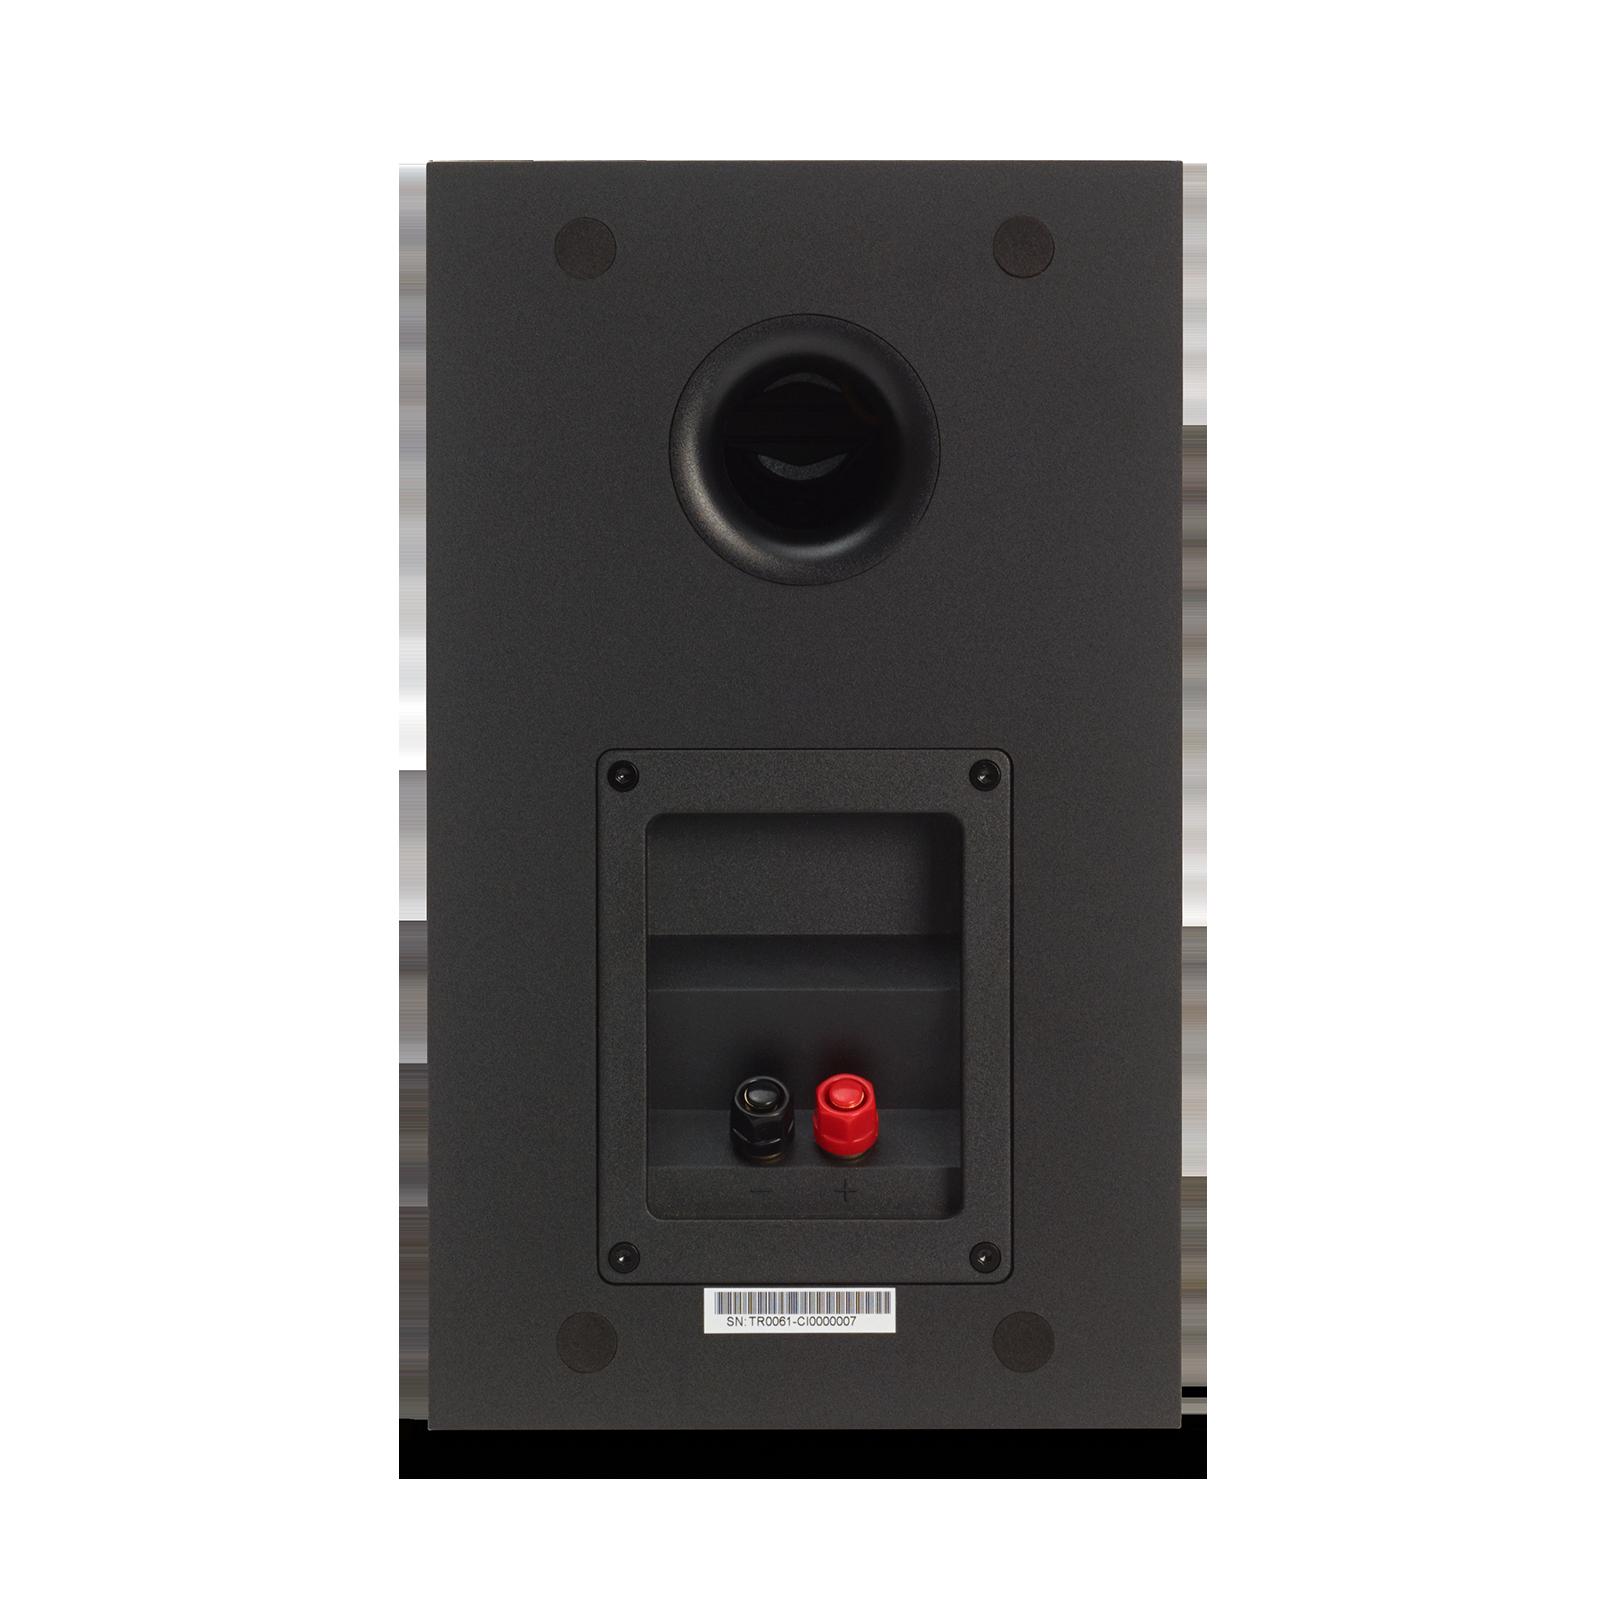 JBL Stage A120 - Black - Home Audio Loudspeaker System - Back